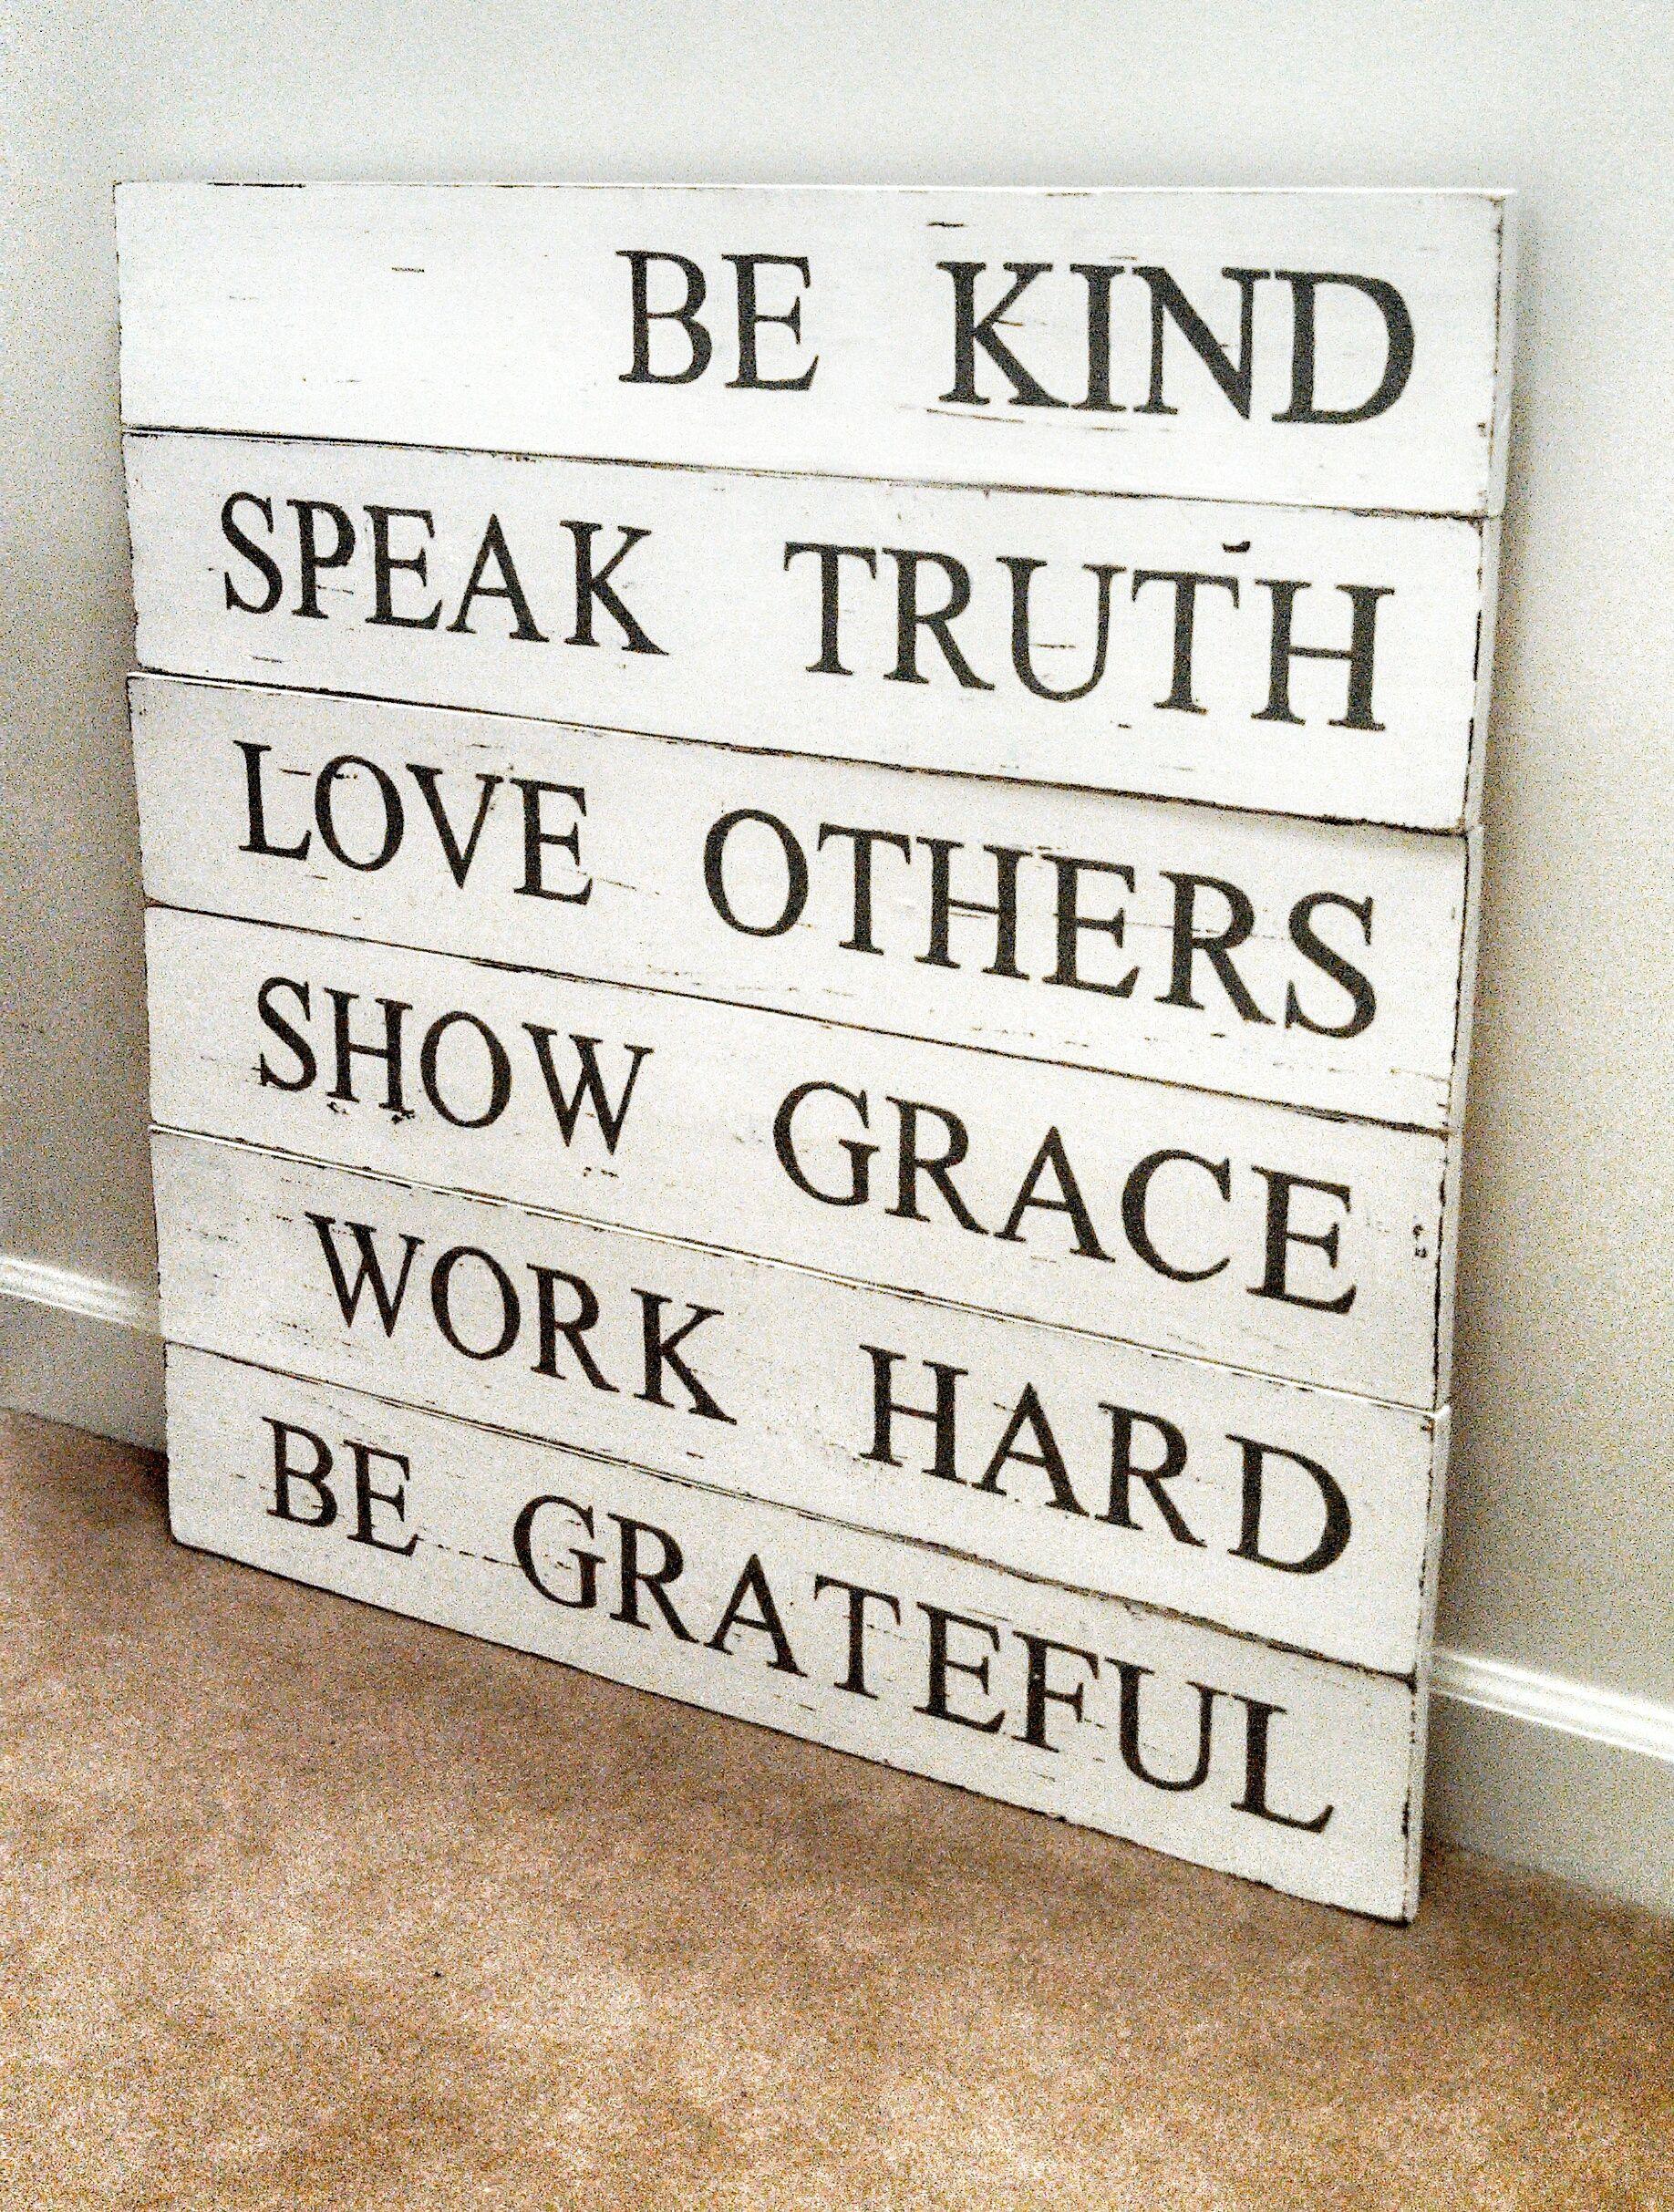 Seja gentil. Fale a verdade. Ame o próximo. Mostre graça. Trabalhe duro. Seja agradecido.